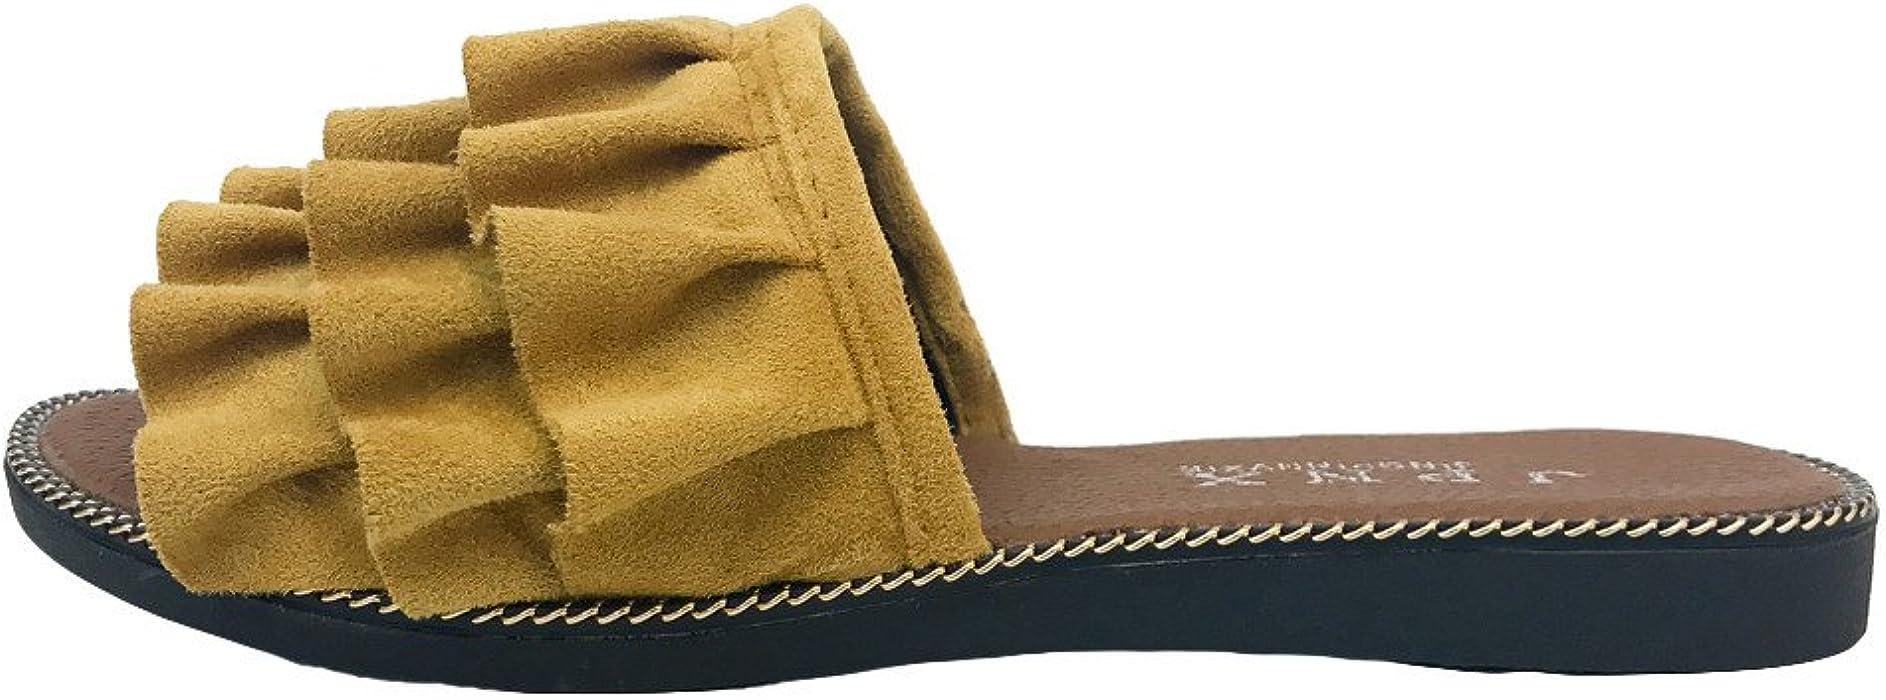 Chancletas Mujer Pelo,YiYLinneo Zapatos De Playa De Verano Encaje Sandalias Color SóLido Chanclas Piso con Una Palabra Zapatillas Casual Flipflop